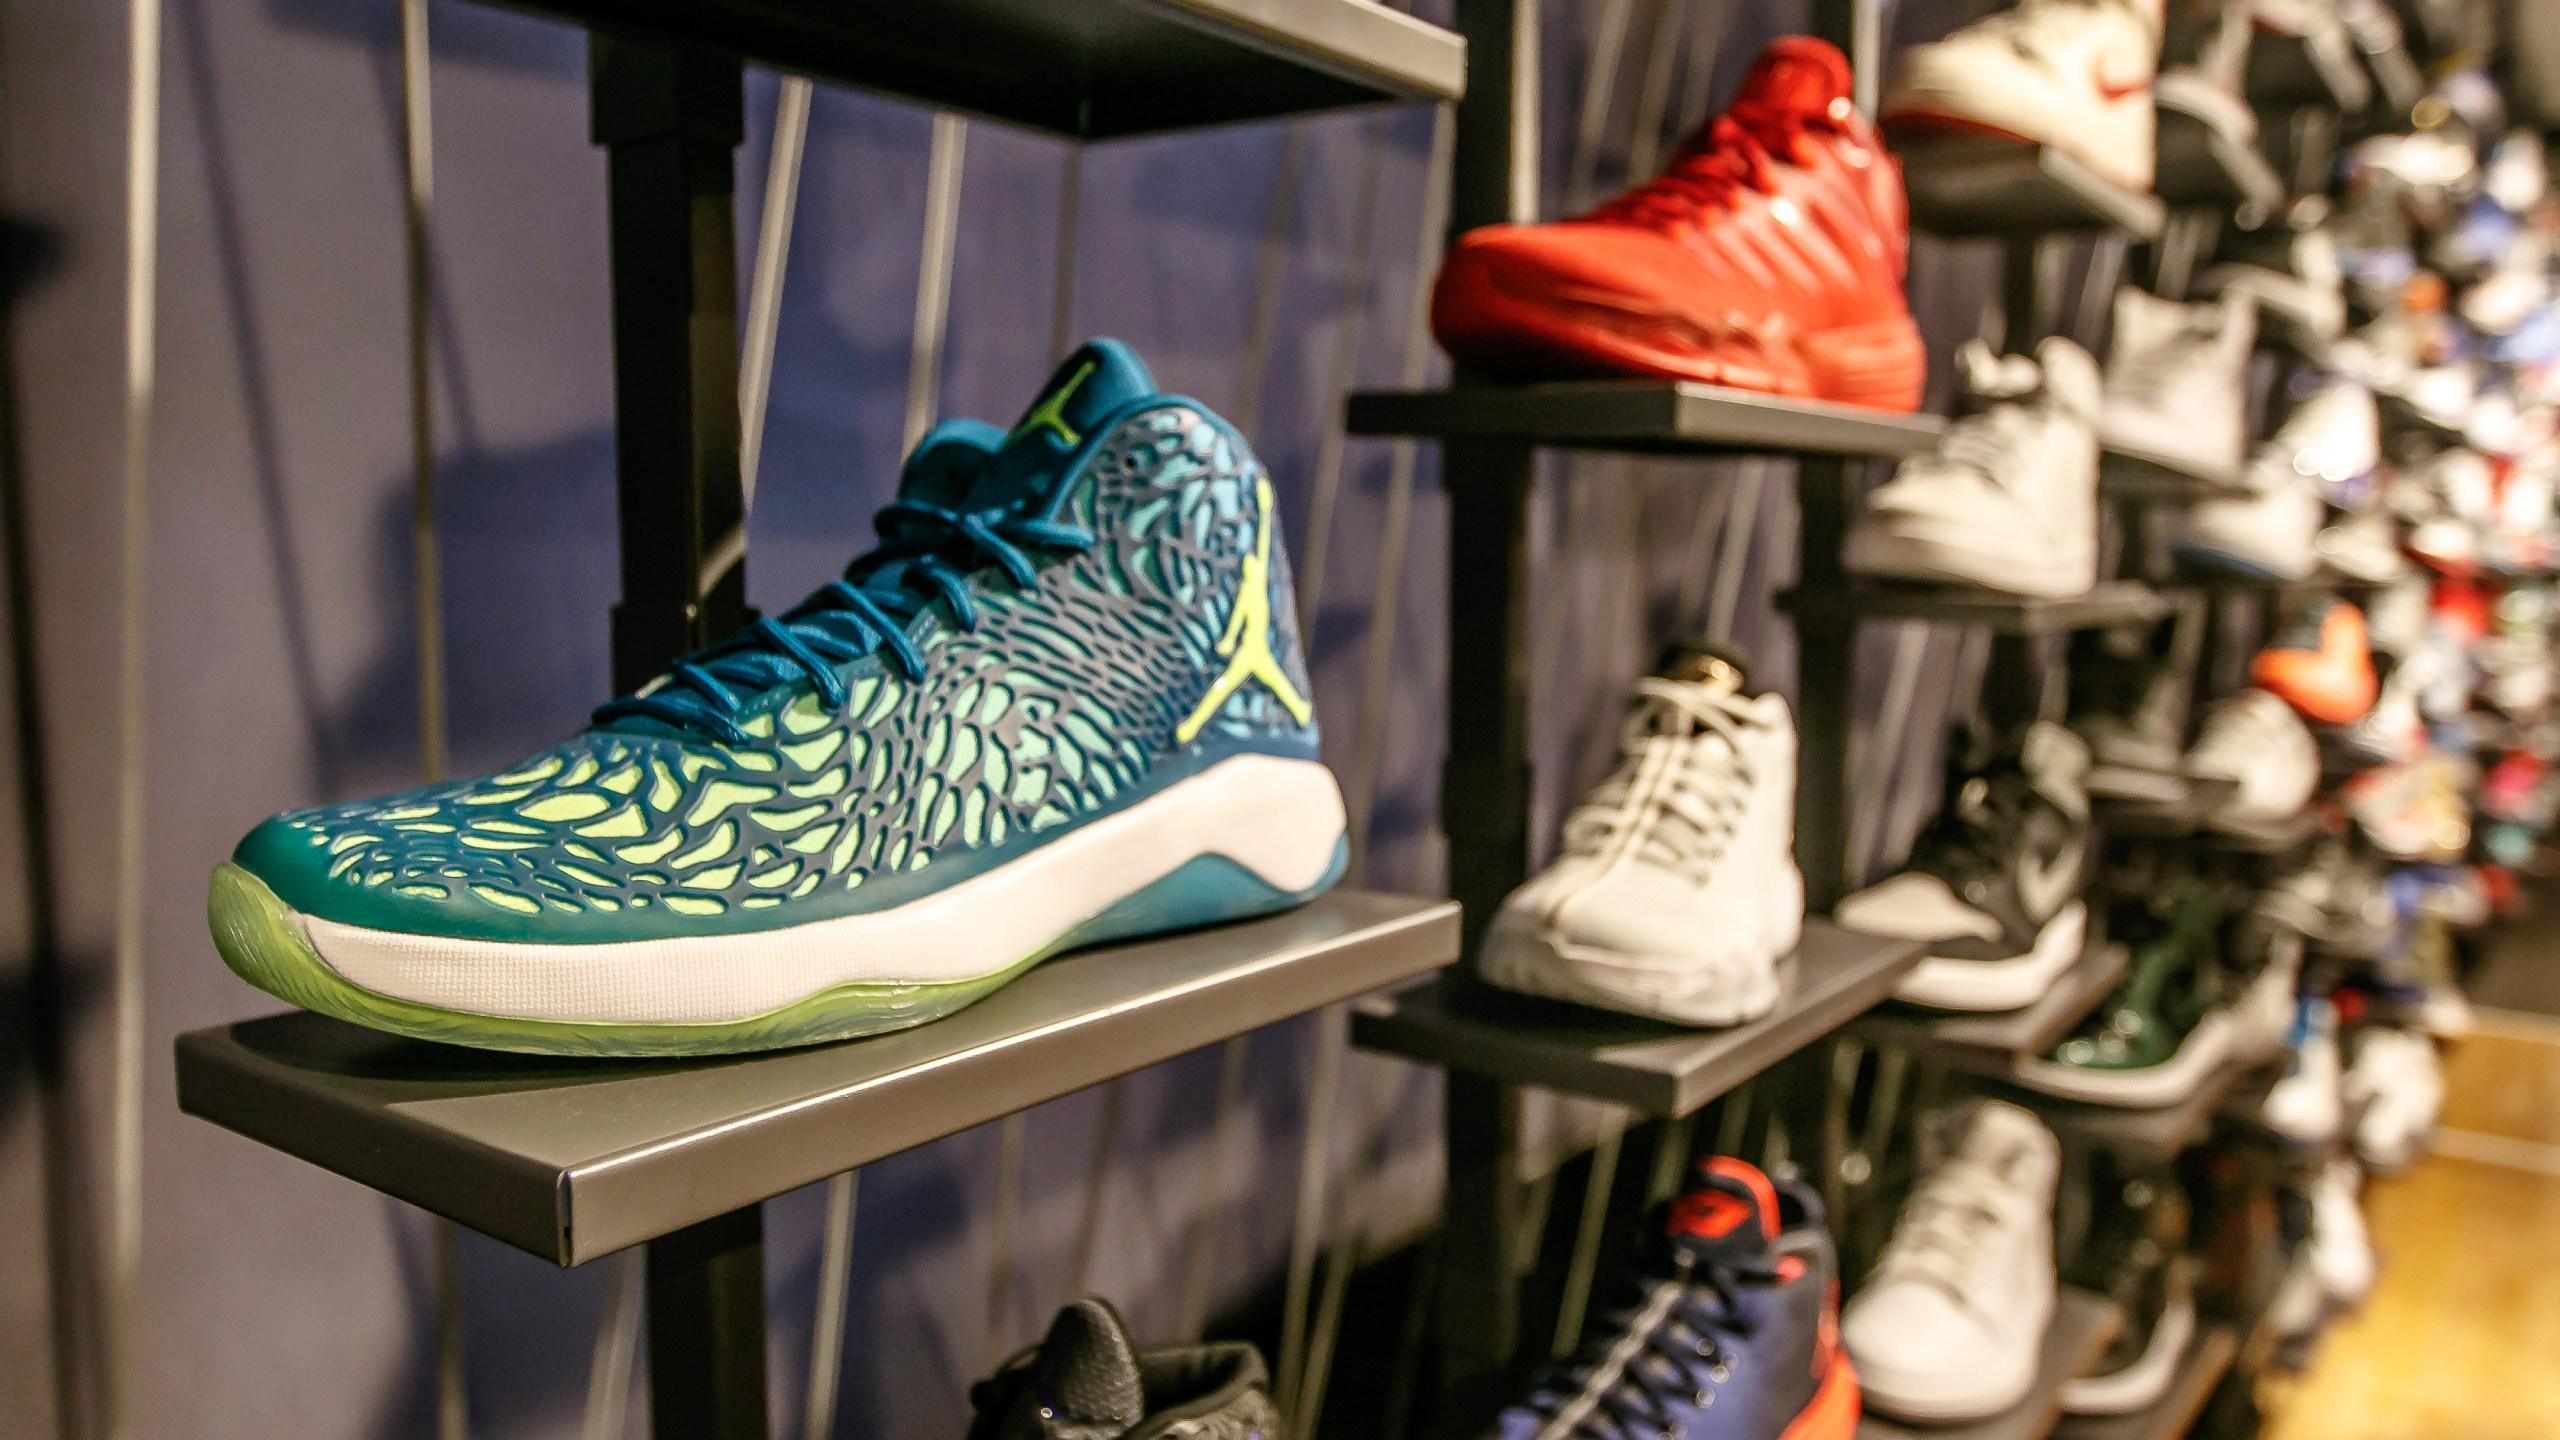 sneakers_328177